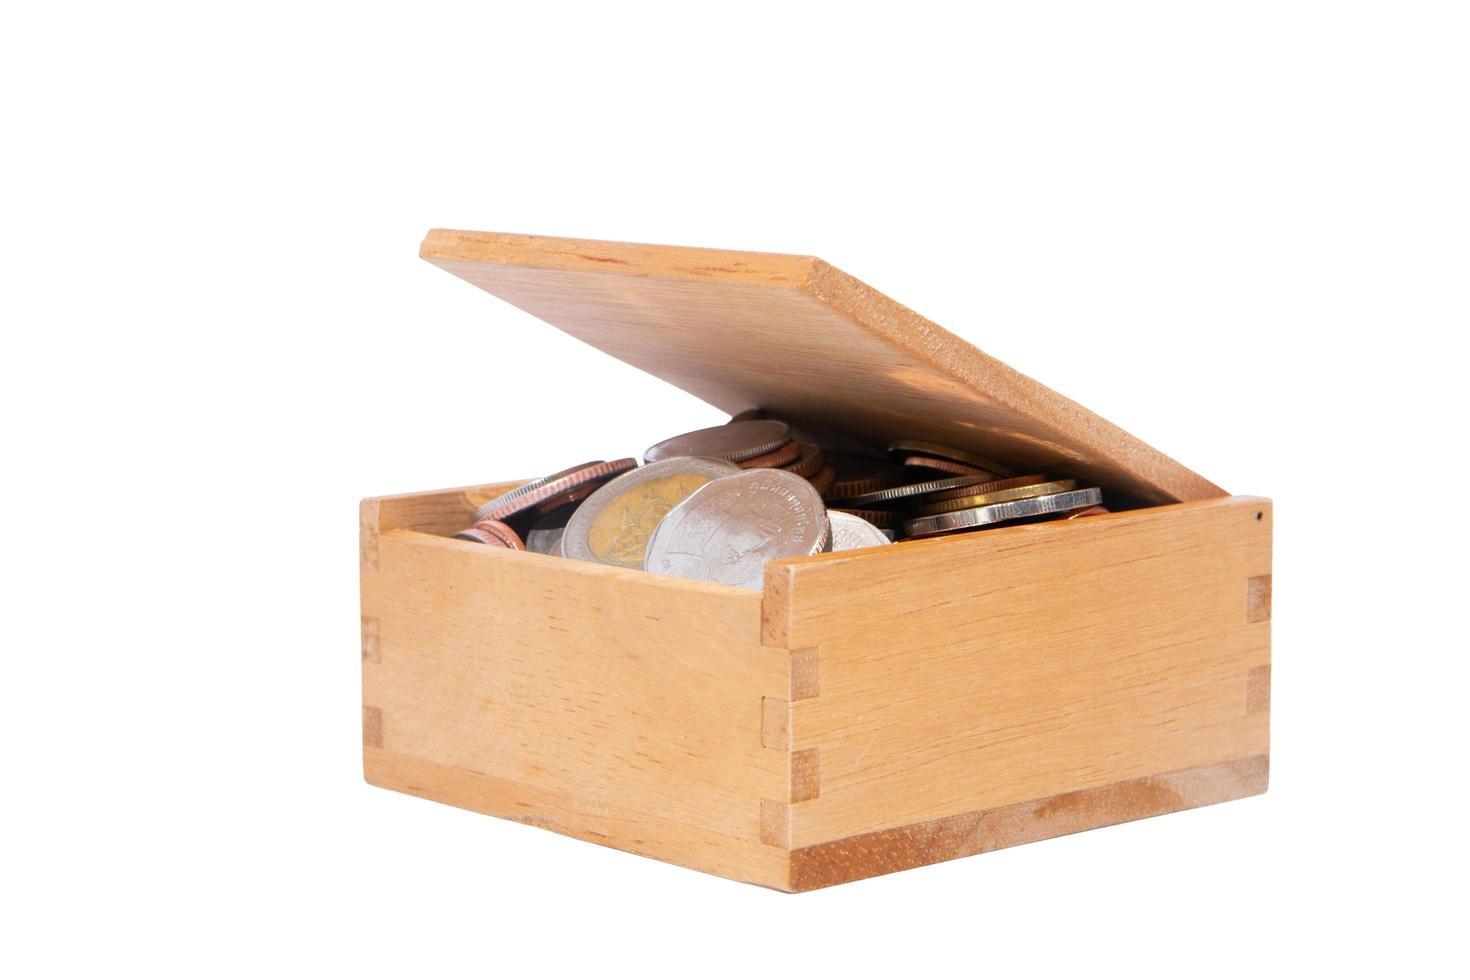 monete in una scatola di legno foto